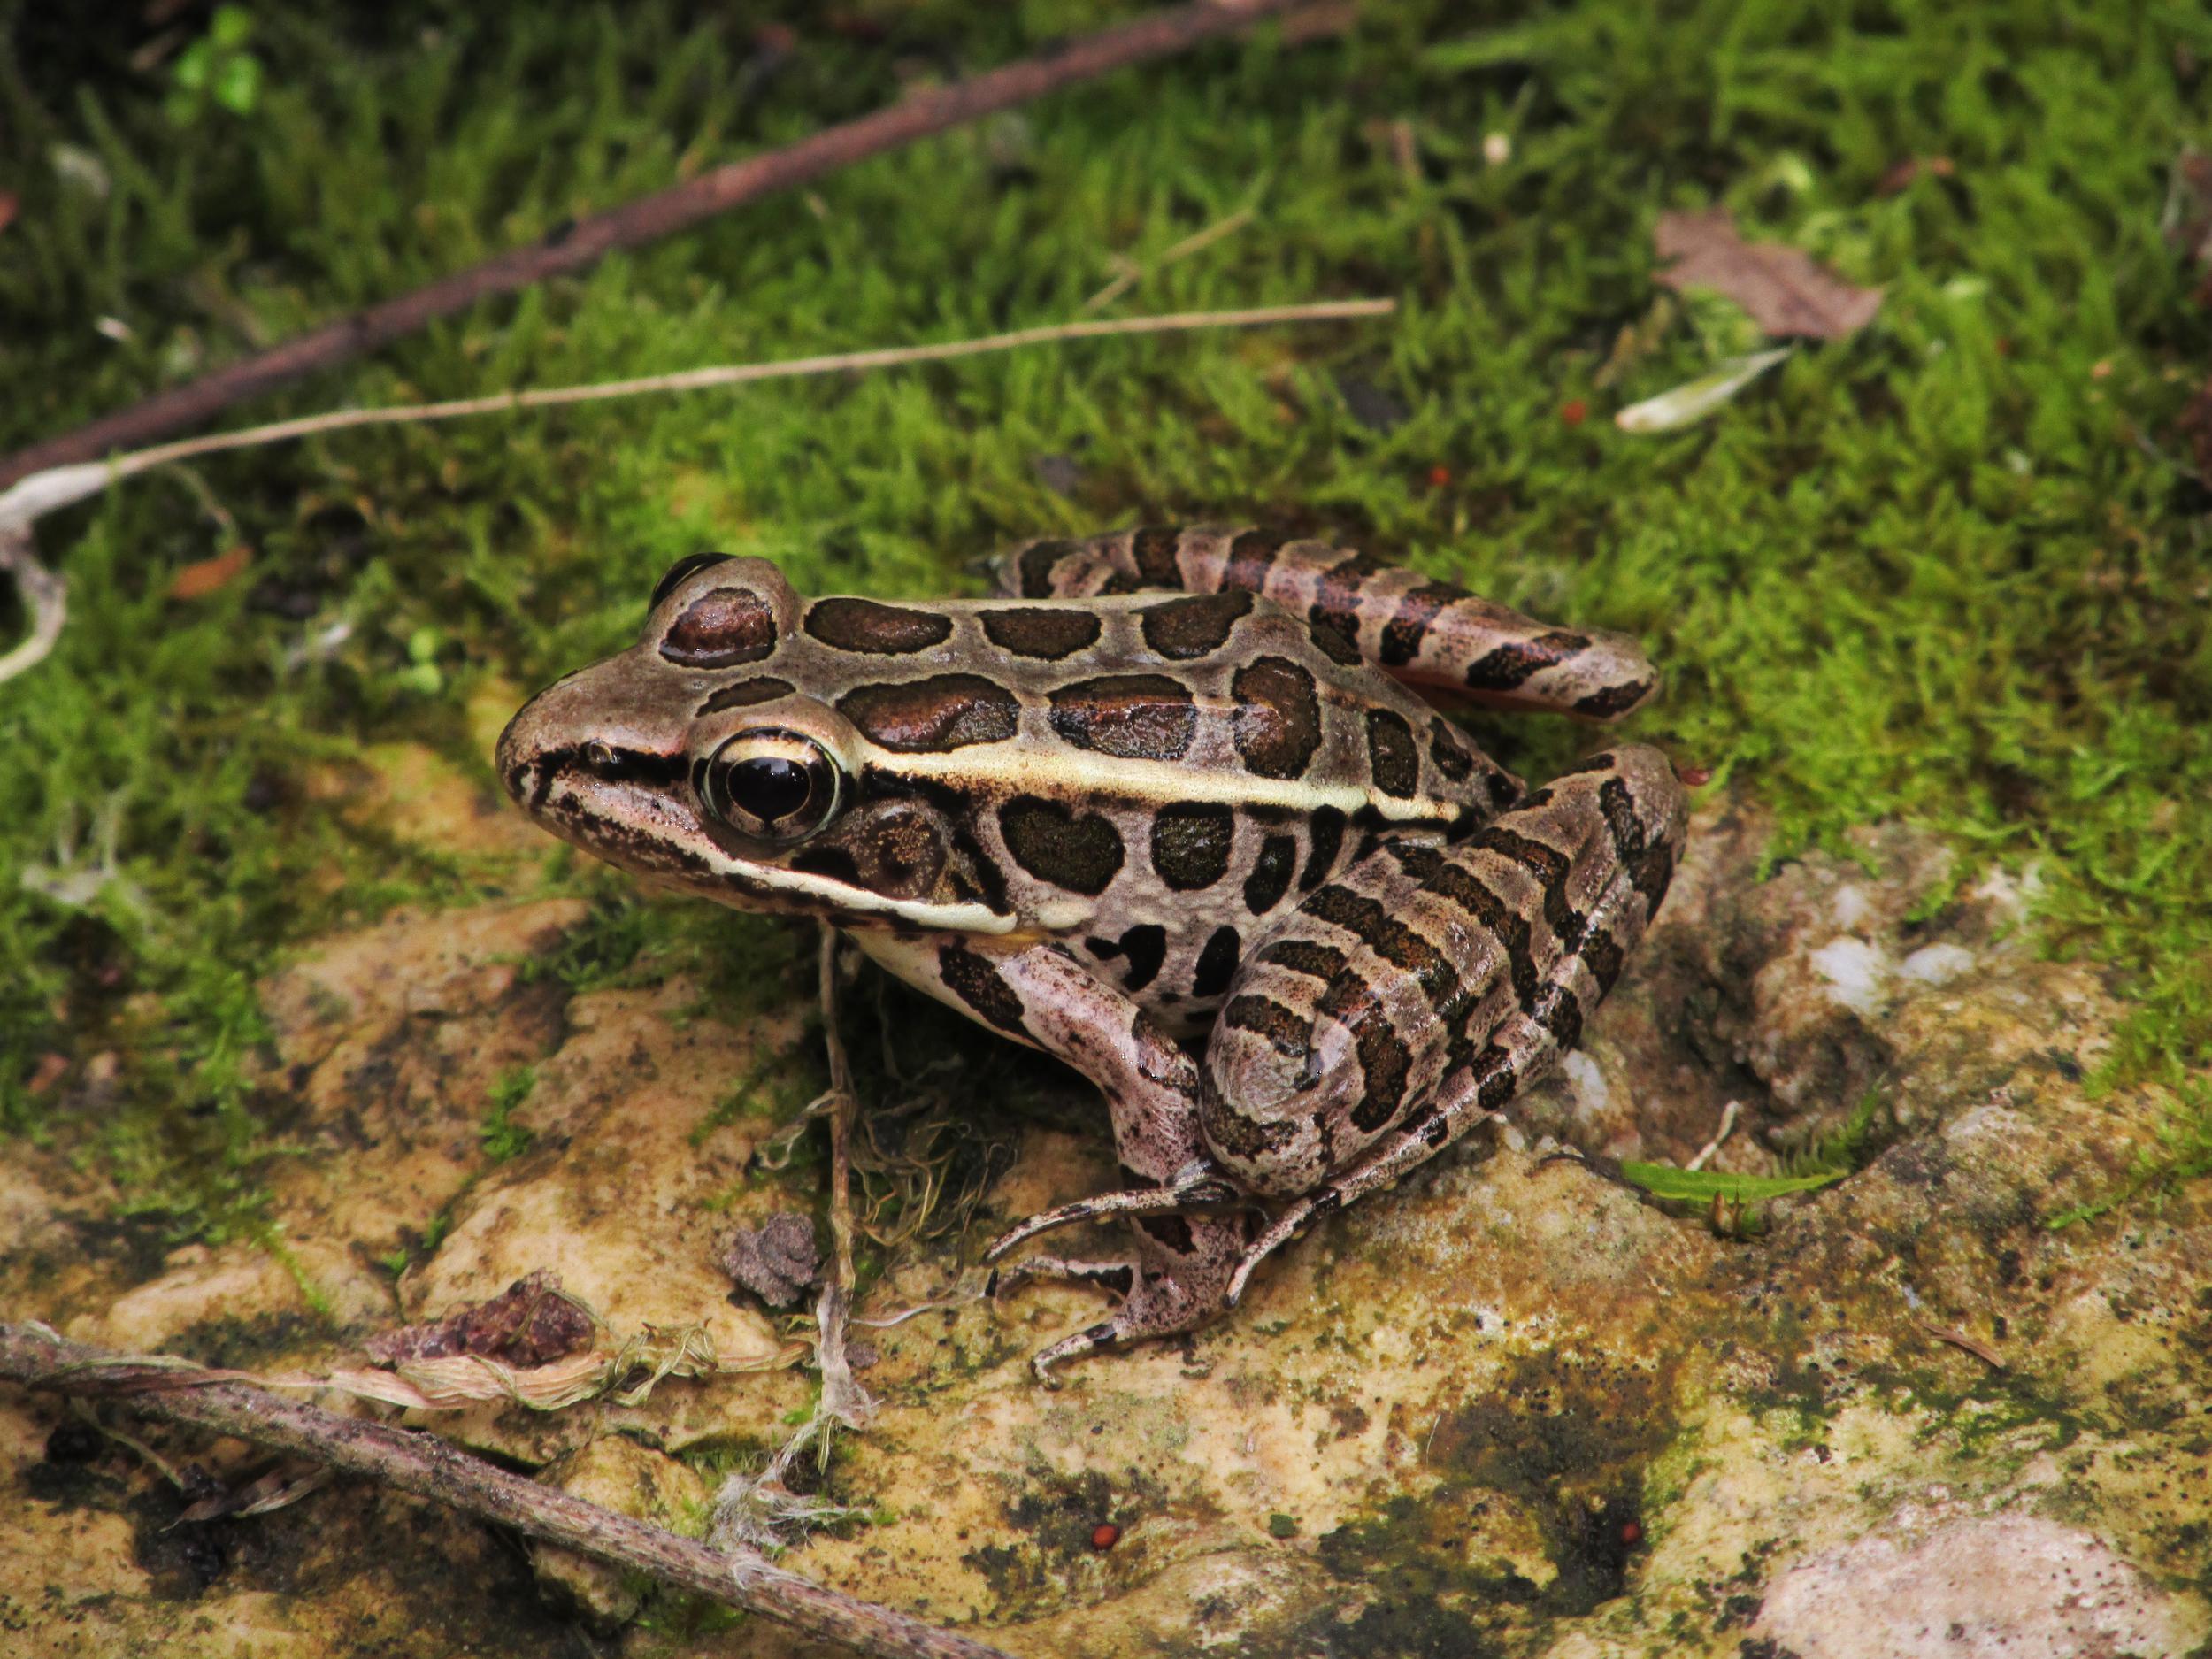 Pickerel Frog ( Lithobates palustris )